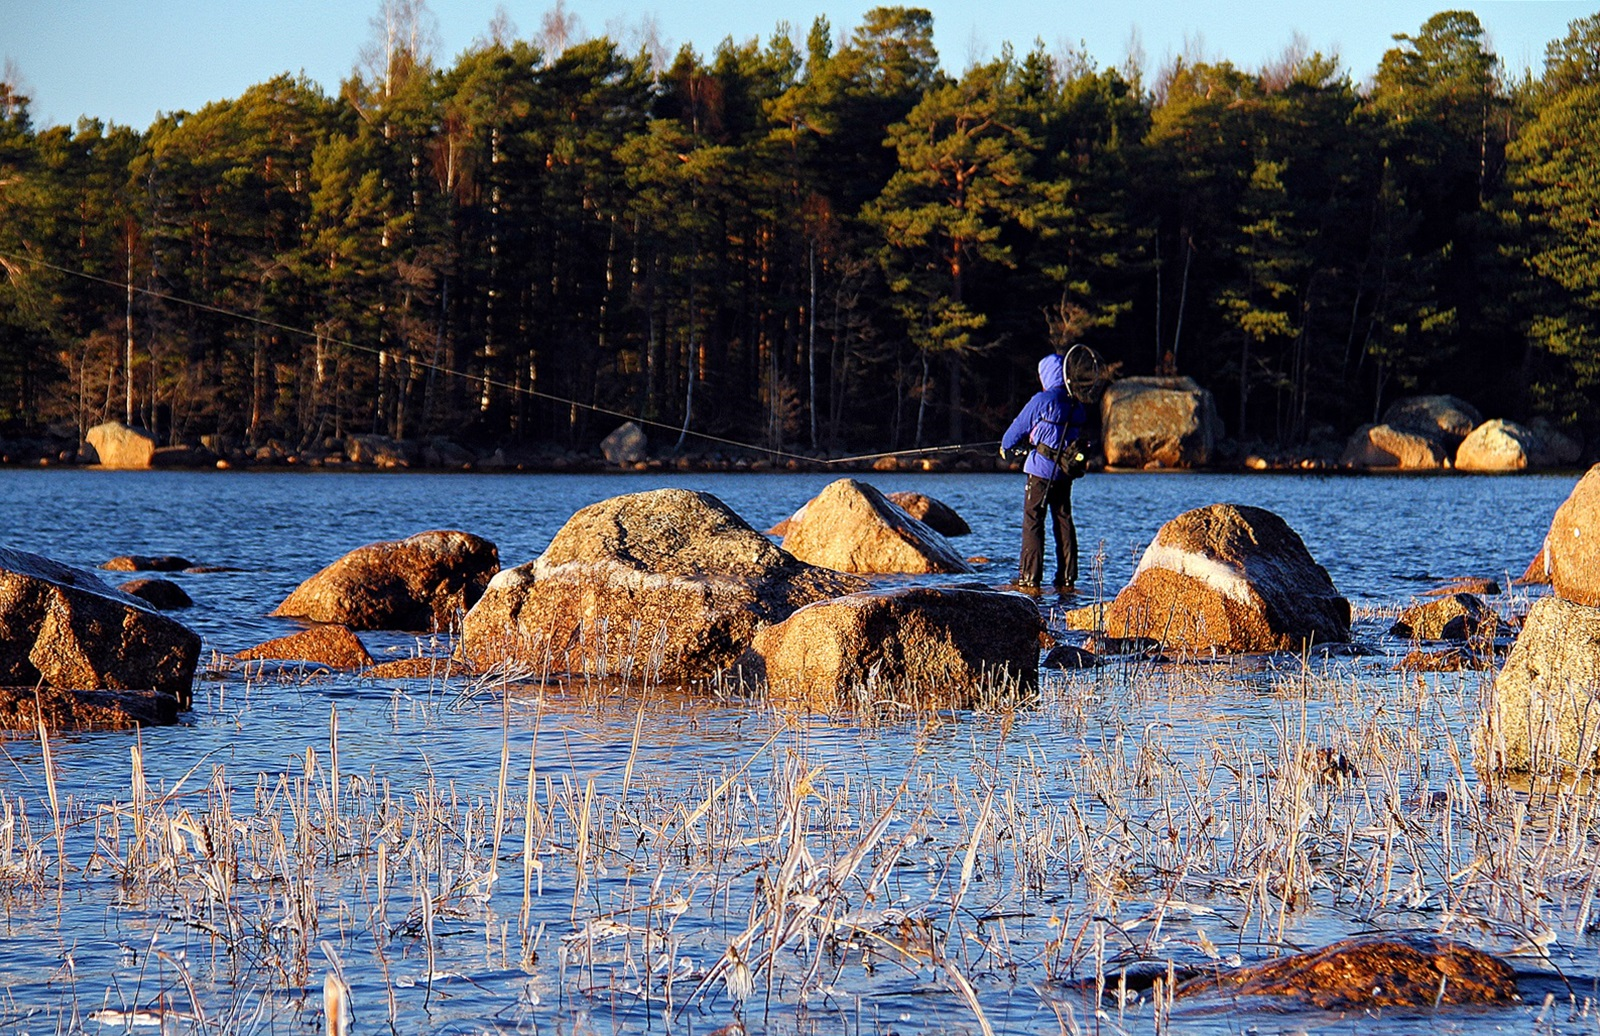 flere lokale sportsfiskere var også ute